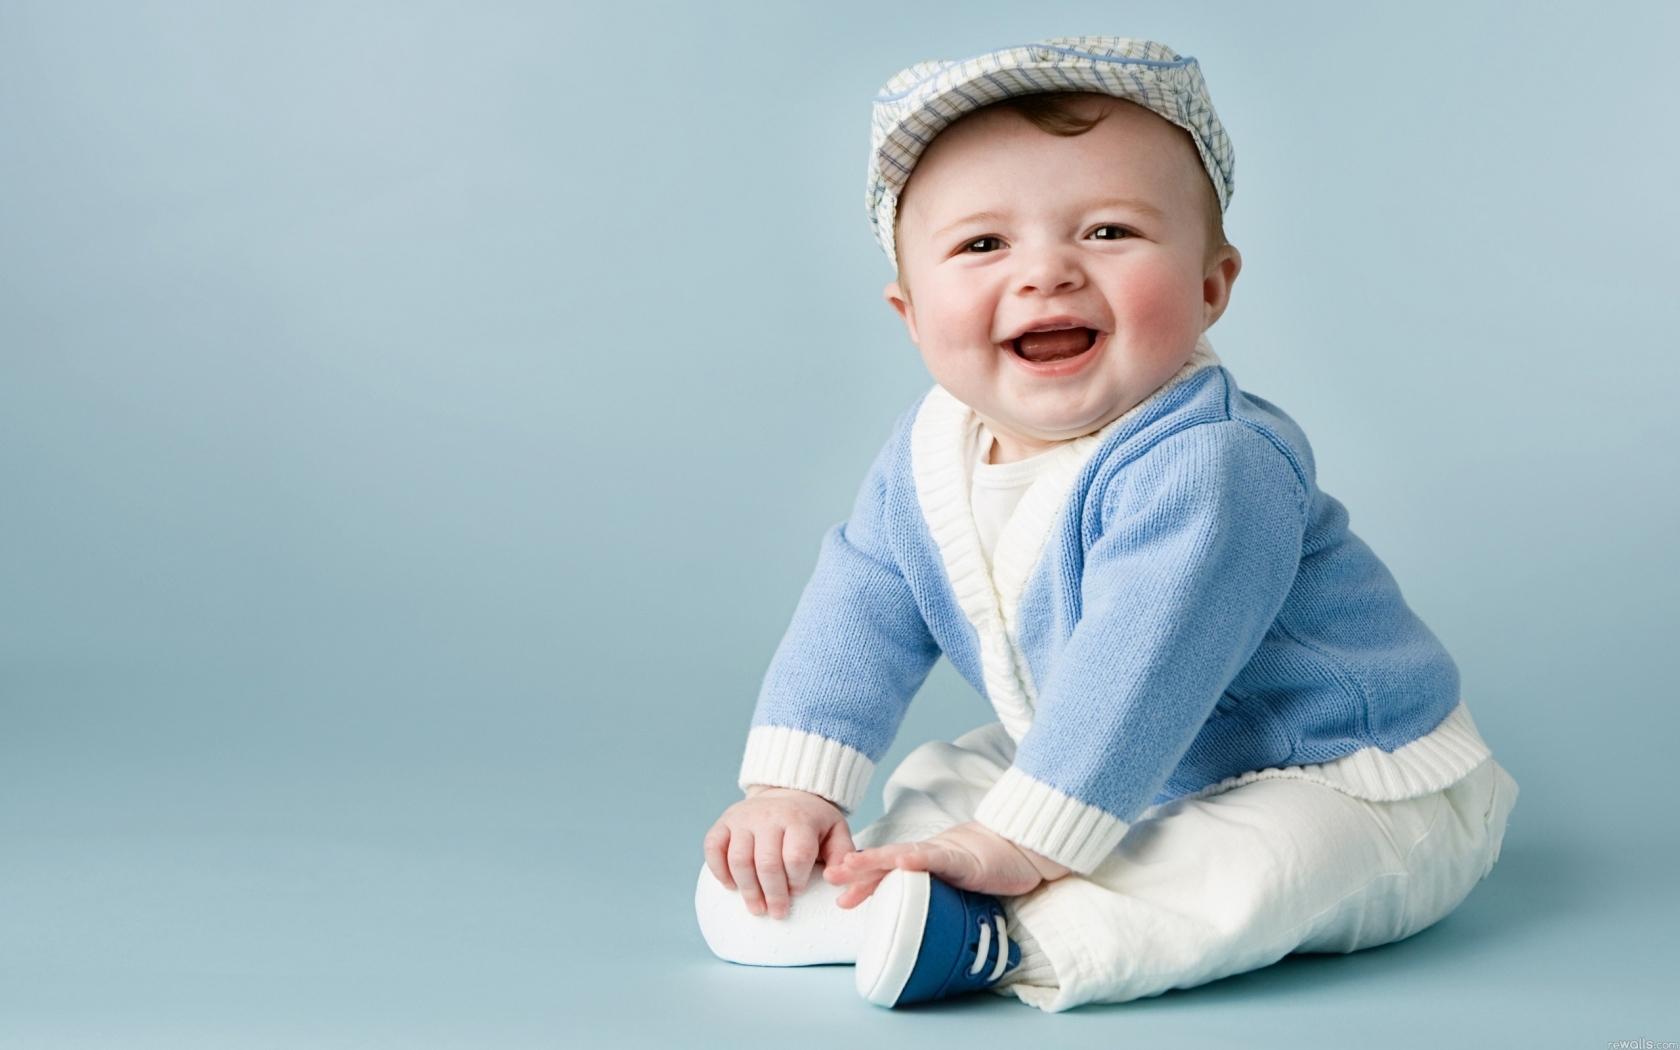 Ropa de bebe - 1680x1050